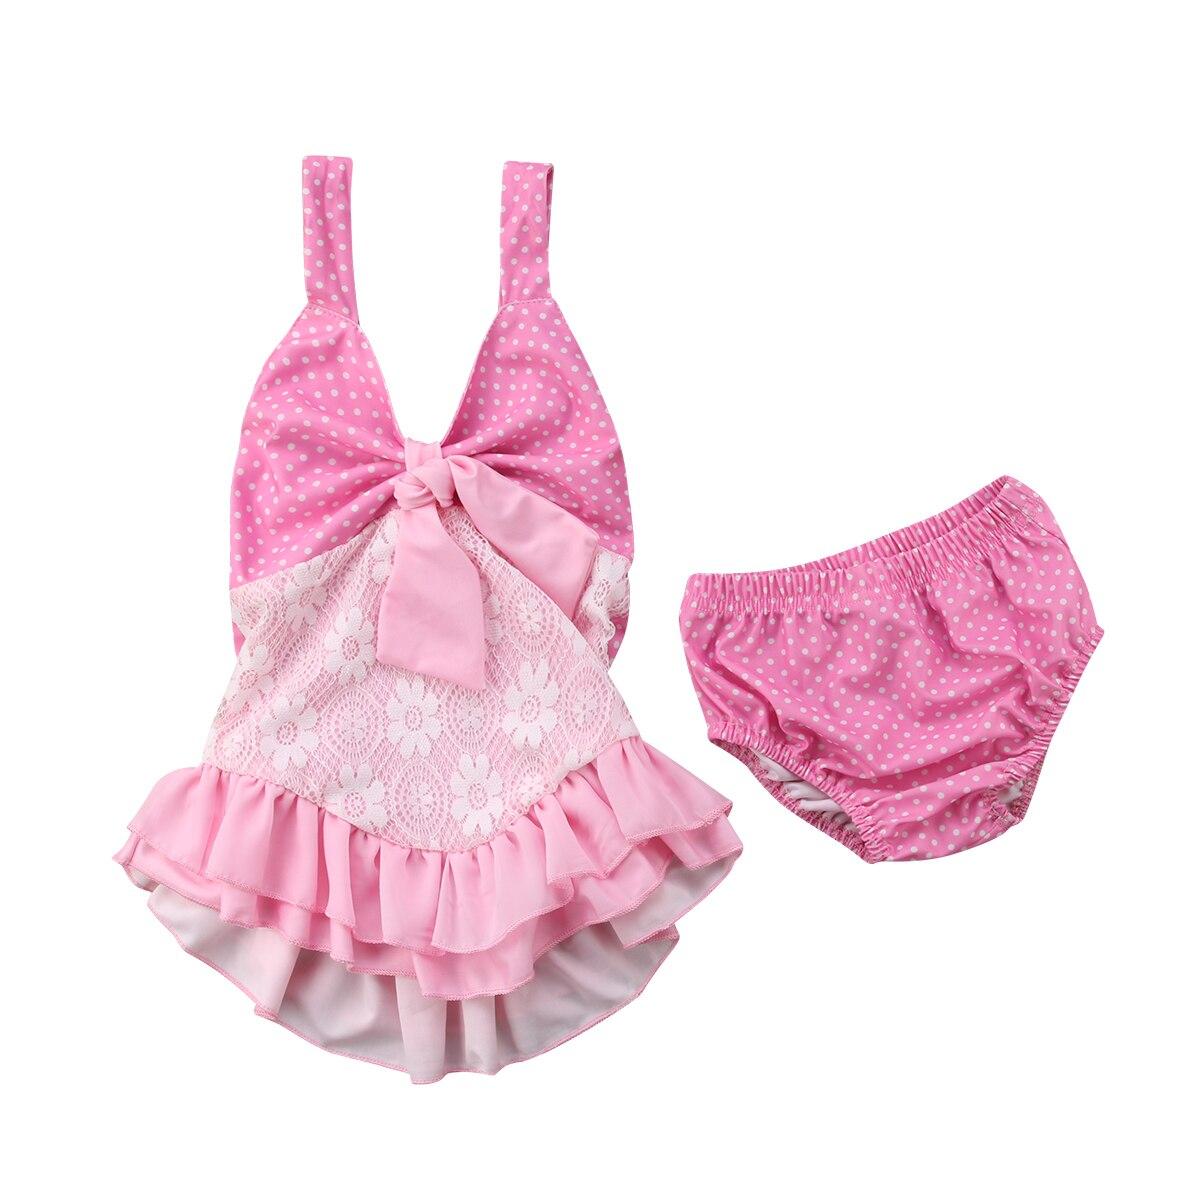 2 Pz Bambini Delle Neonate Pizzo Mermaid Swimsuit Swimwear Costume Da Bagno Tankini Del Bikini